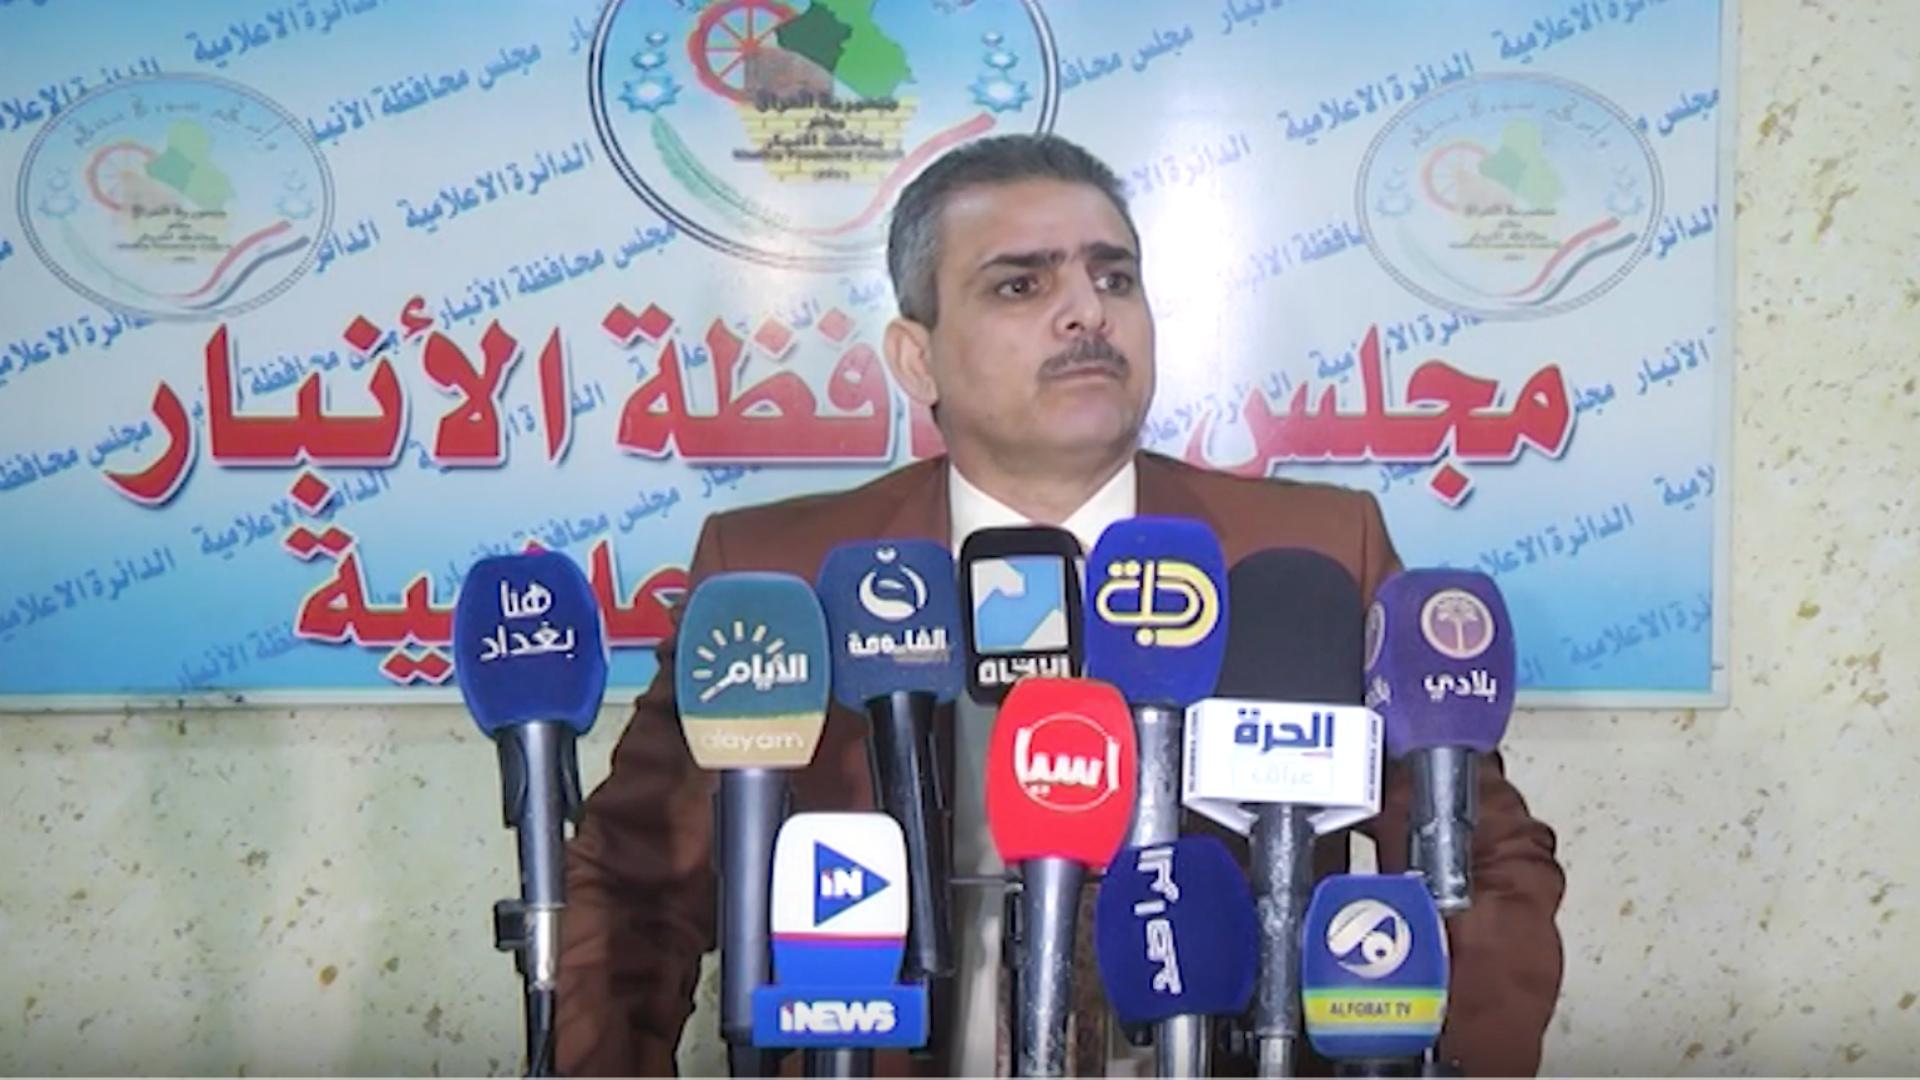 عضو مجلس محافظة الأنبار يدعو إلى التوجيه الإيجابي في قضية البرمودا